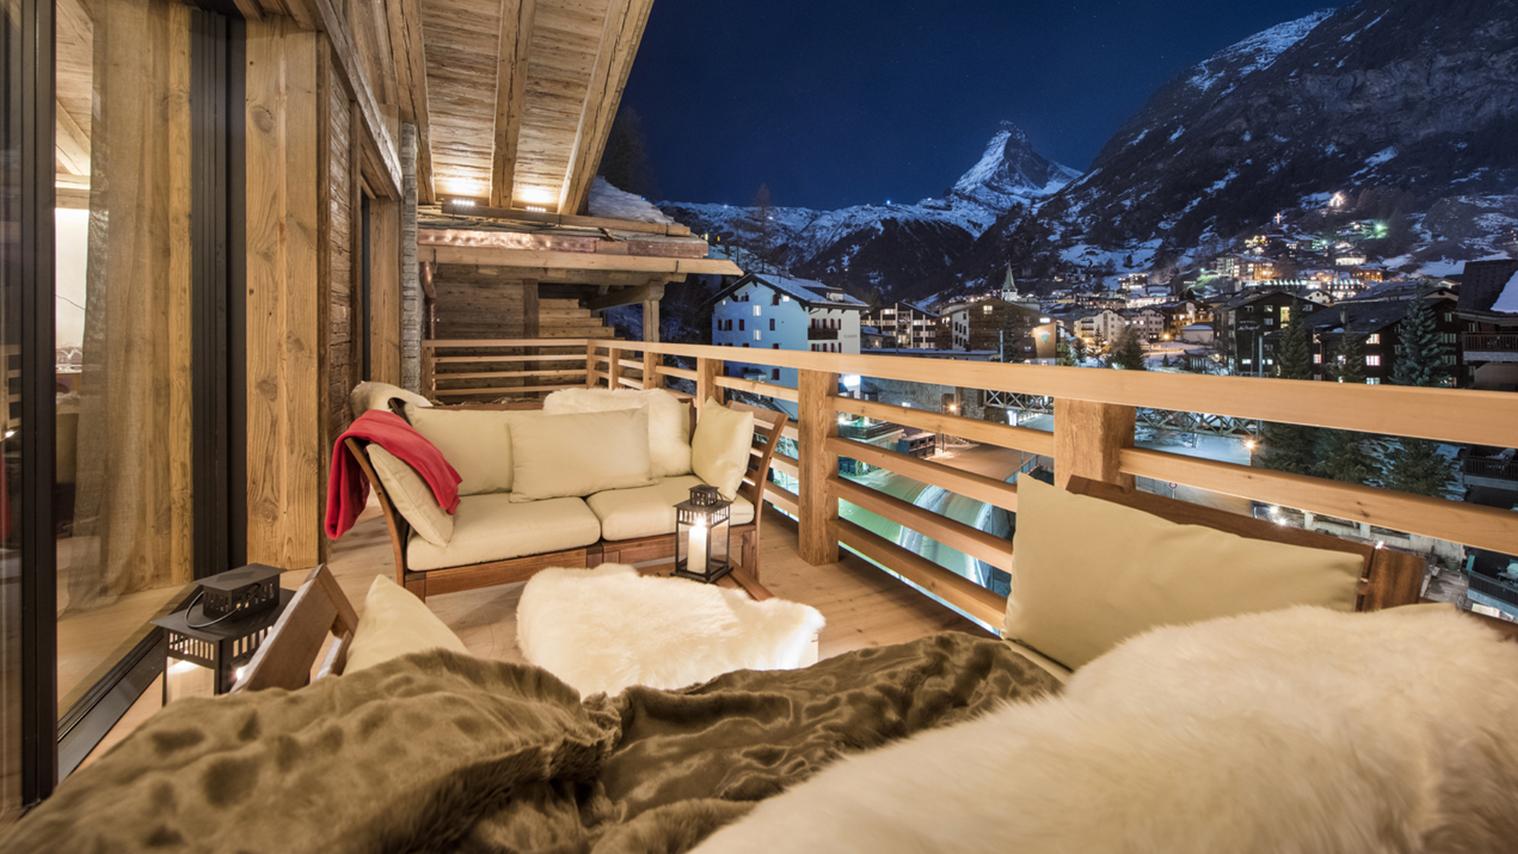 7 Heavens Chalet, Switzerland